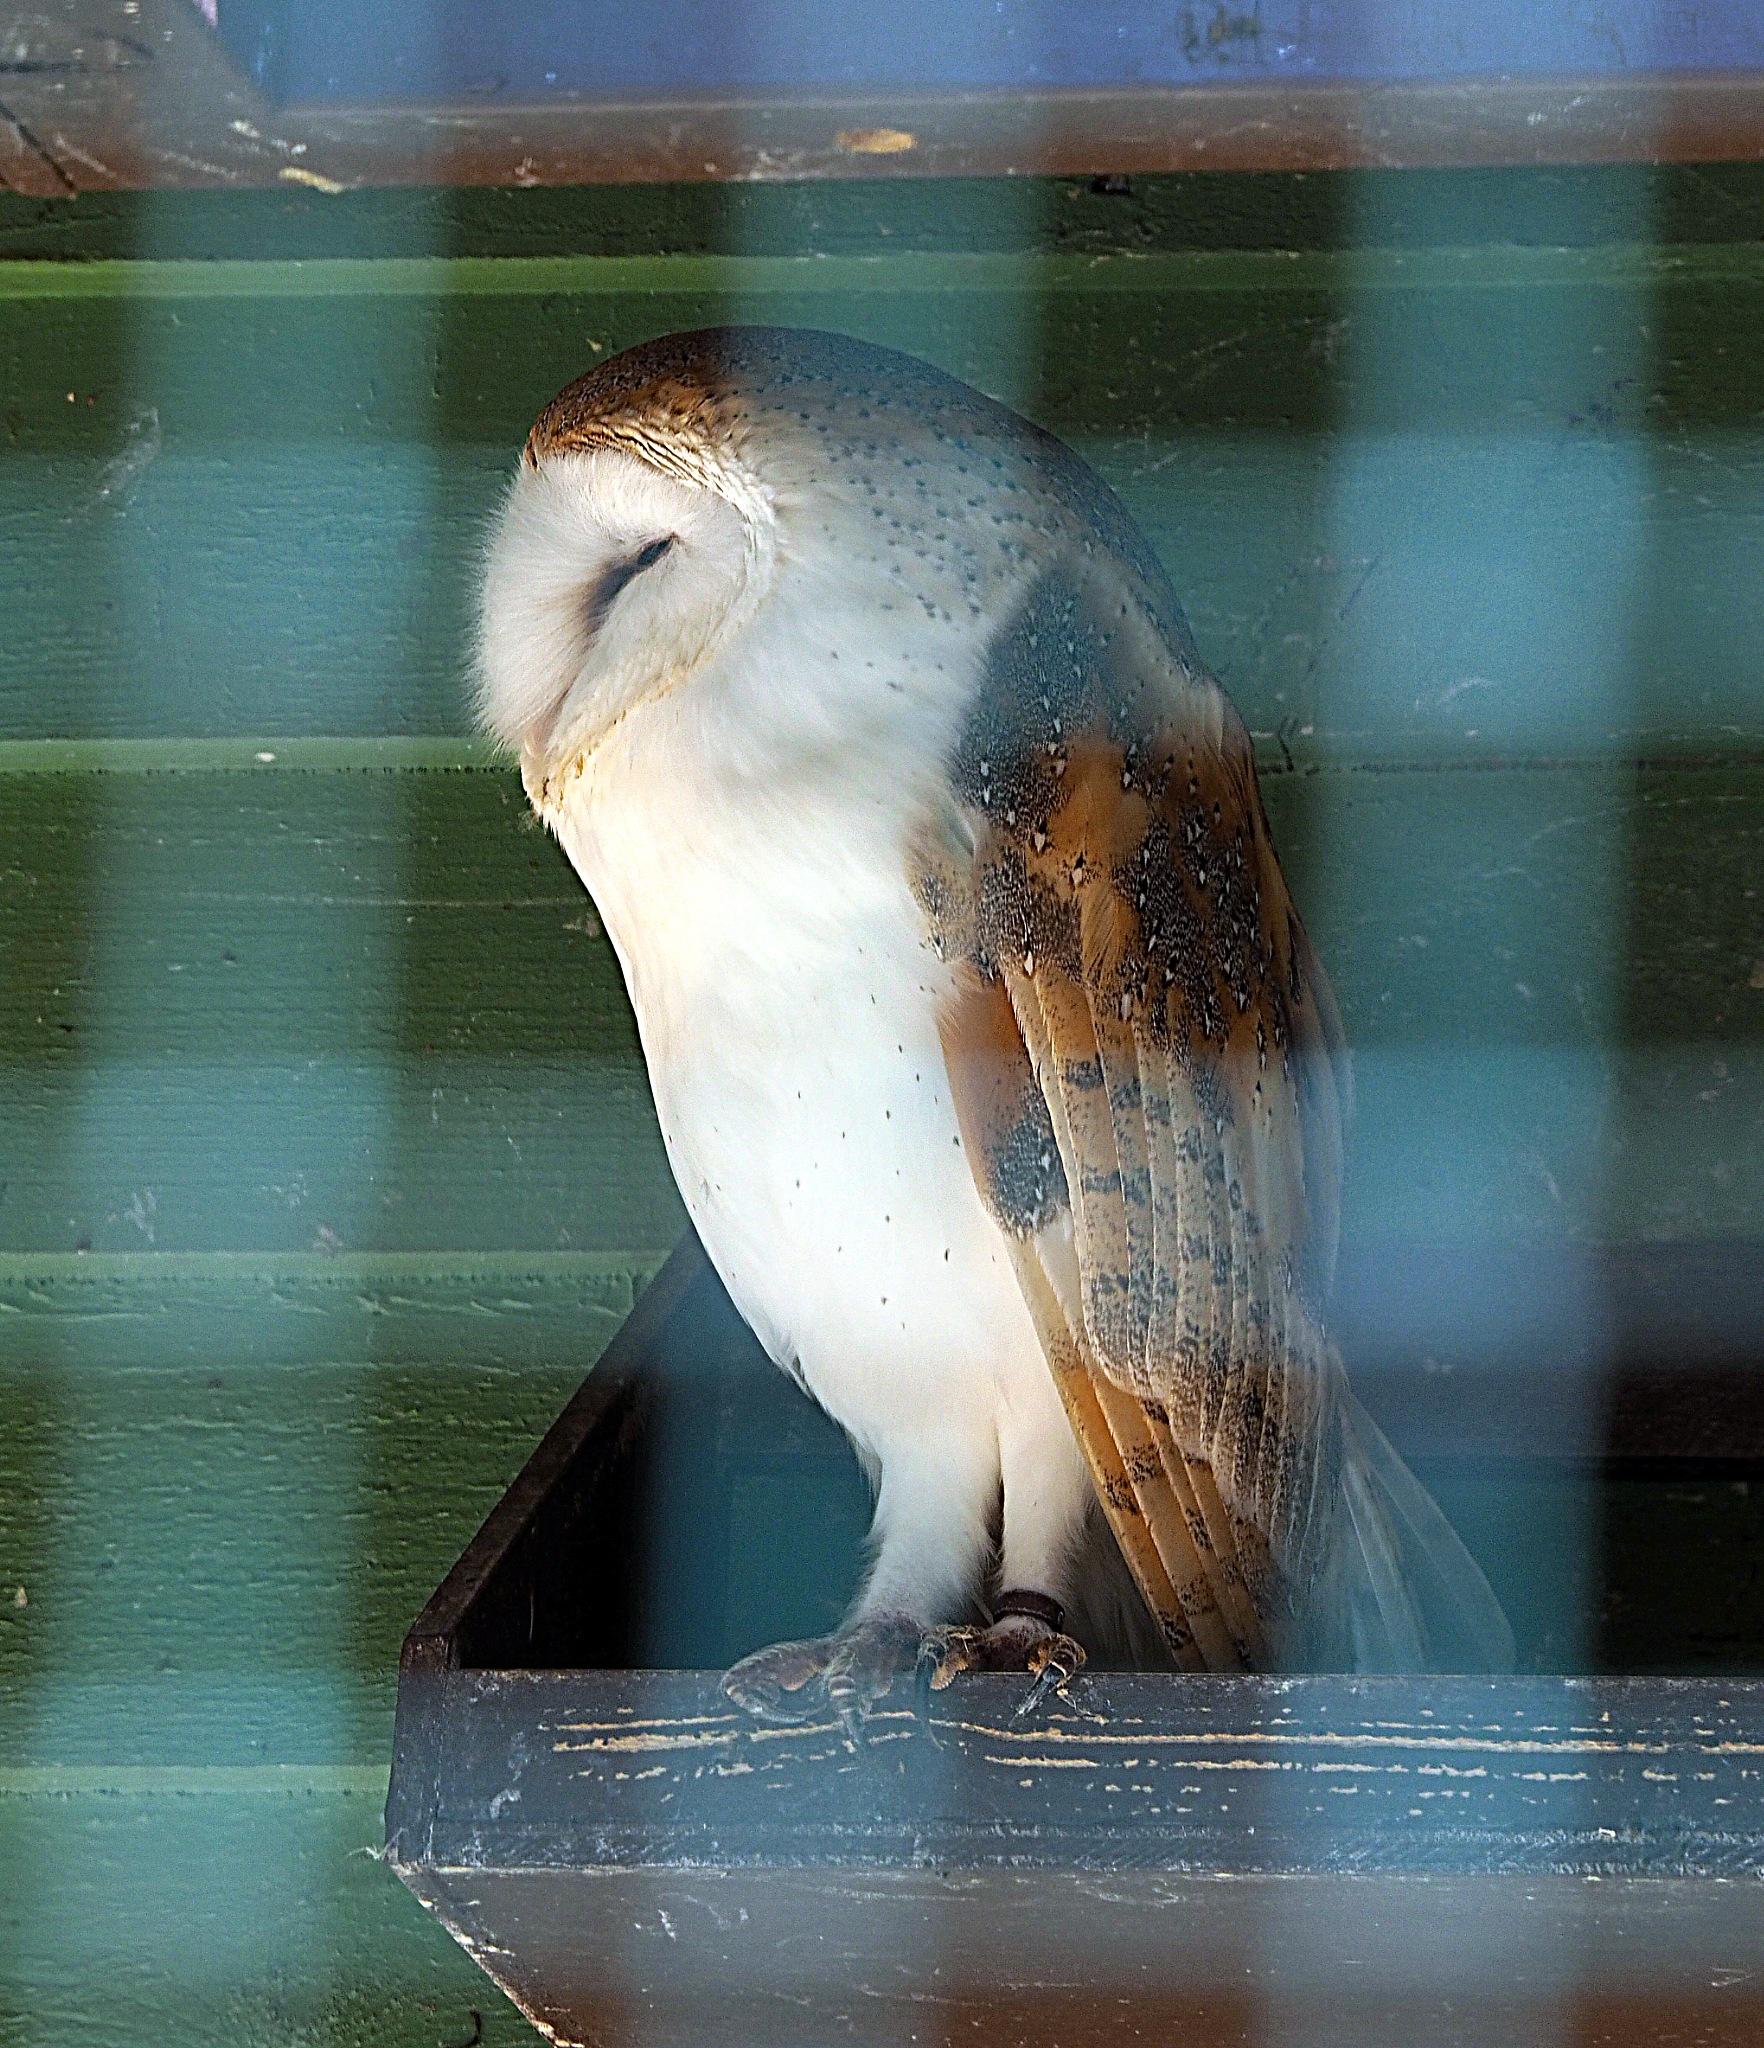 owl 1 by james arthur